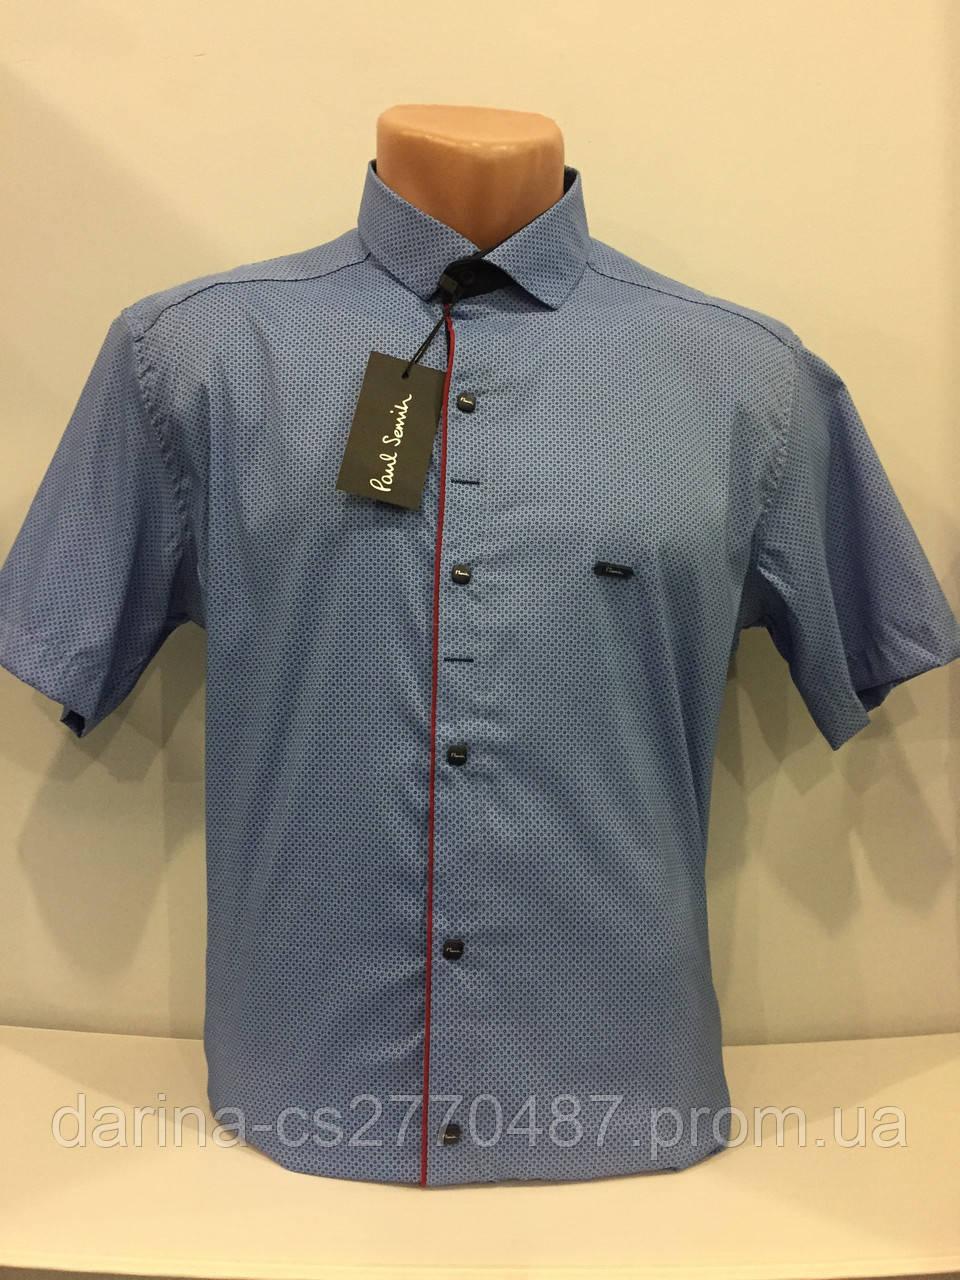 Красивая мужская рубашка с коротким рукавом L